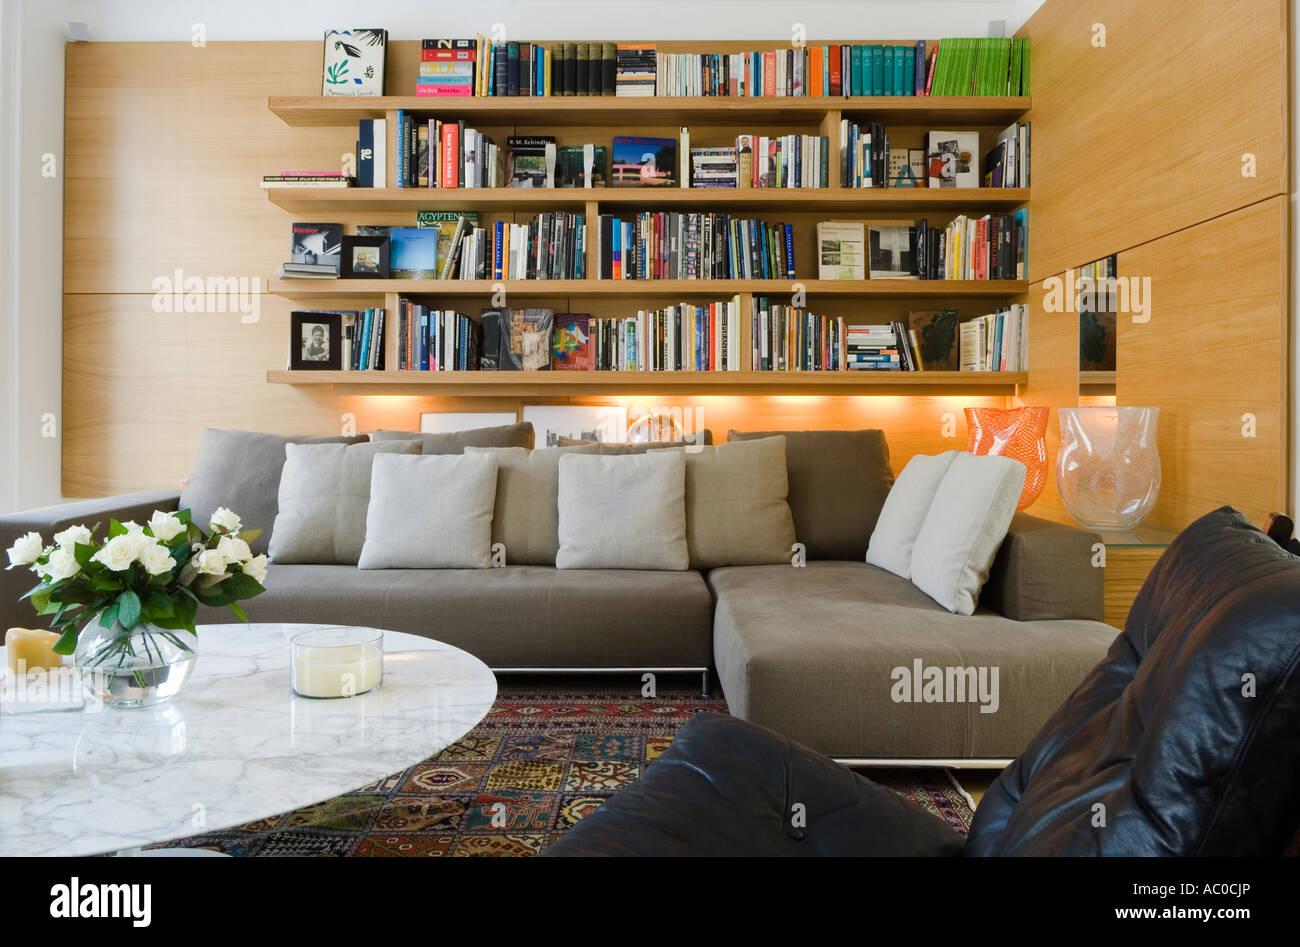 Librerie Dietro Al Divano : Moderno salotto con libreria pezzo di divano e tavolo da caffè